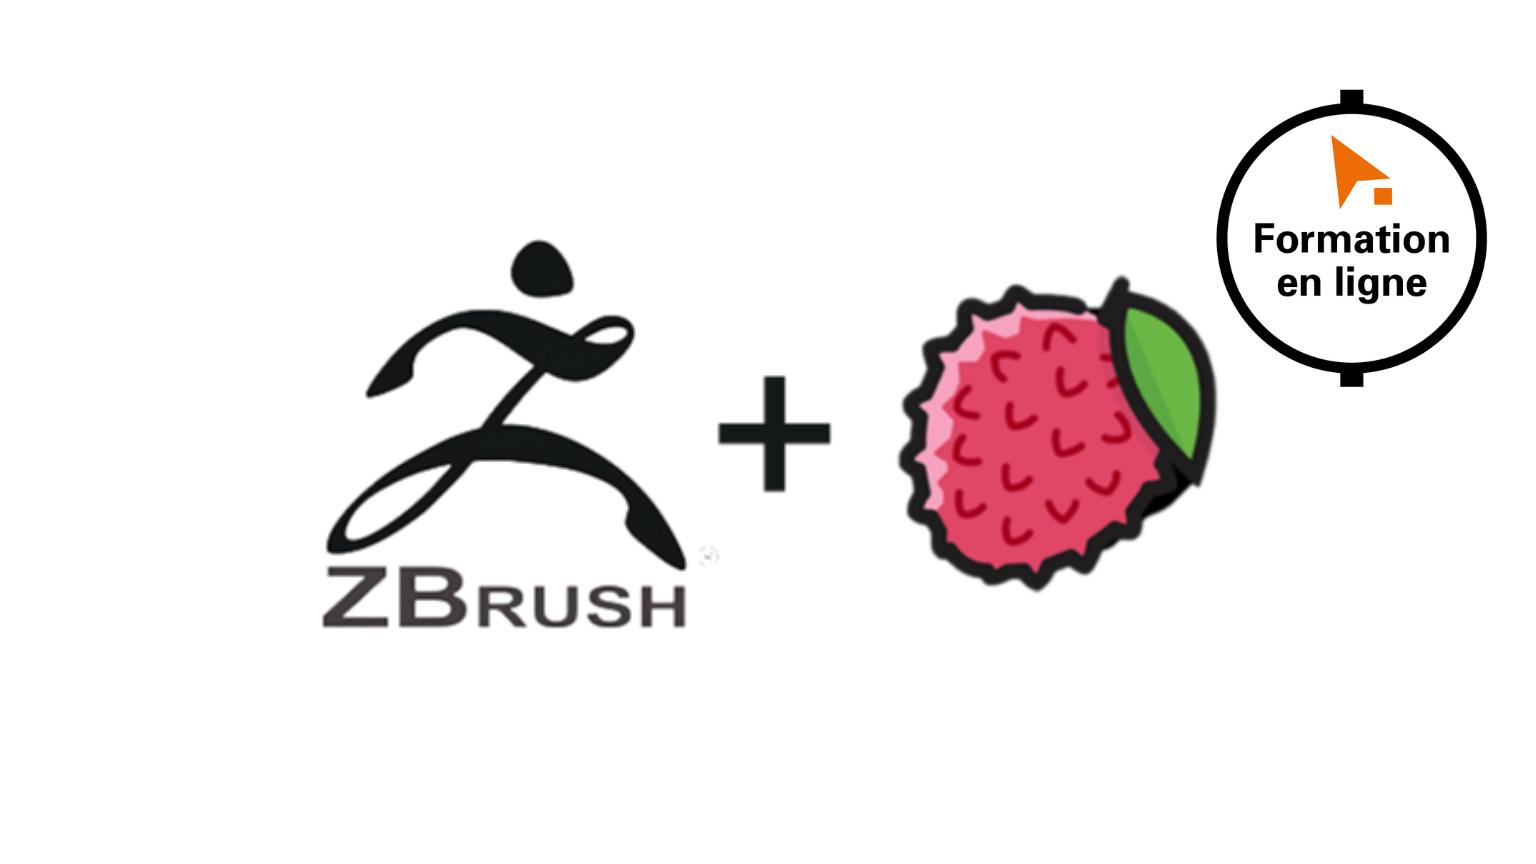 Zbrush - Modélisation - Imprimante 3D